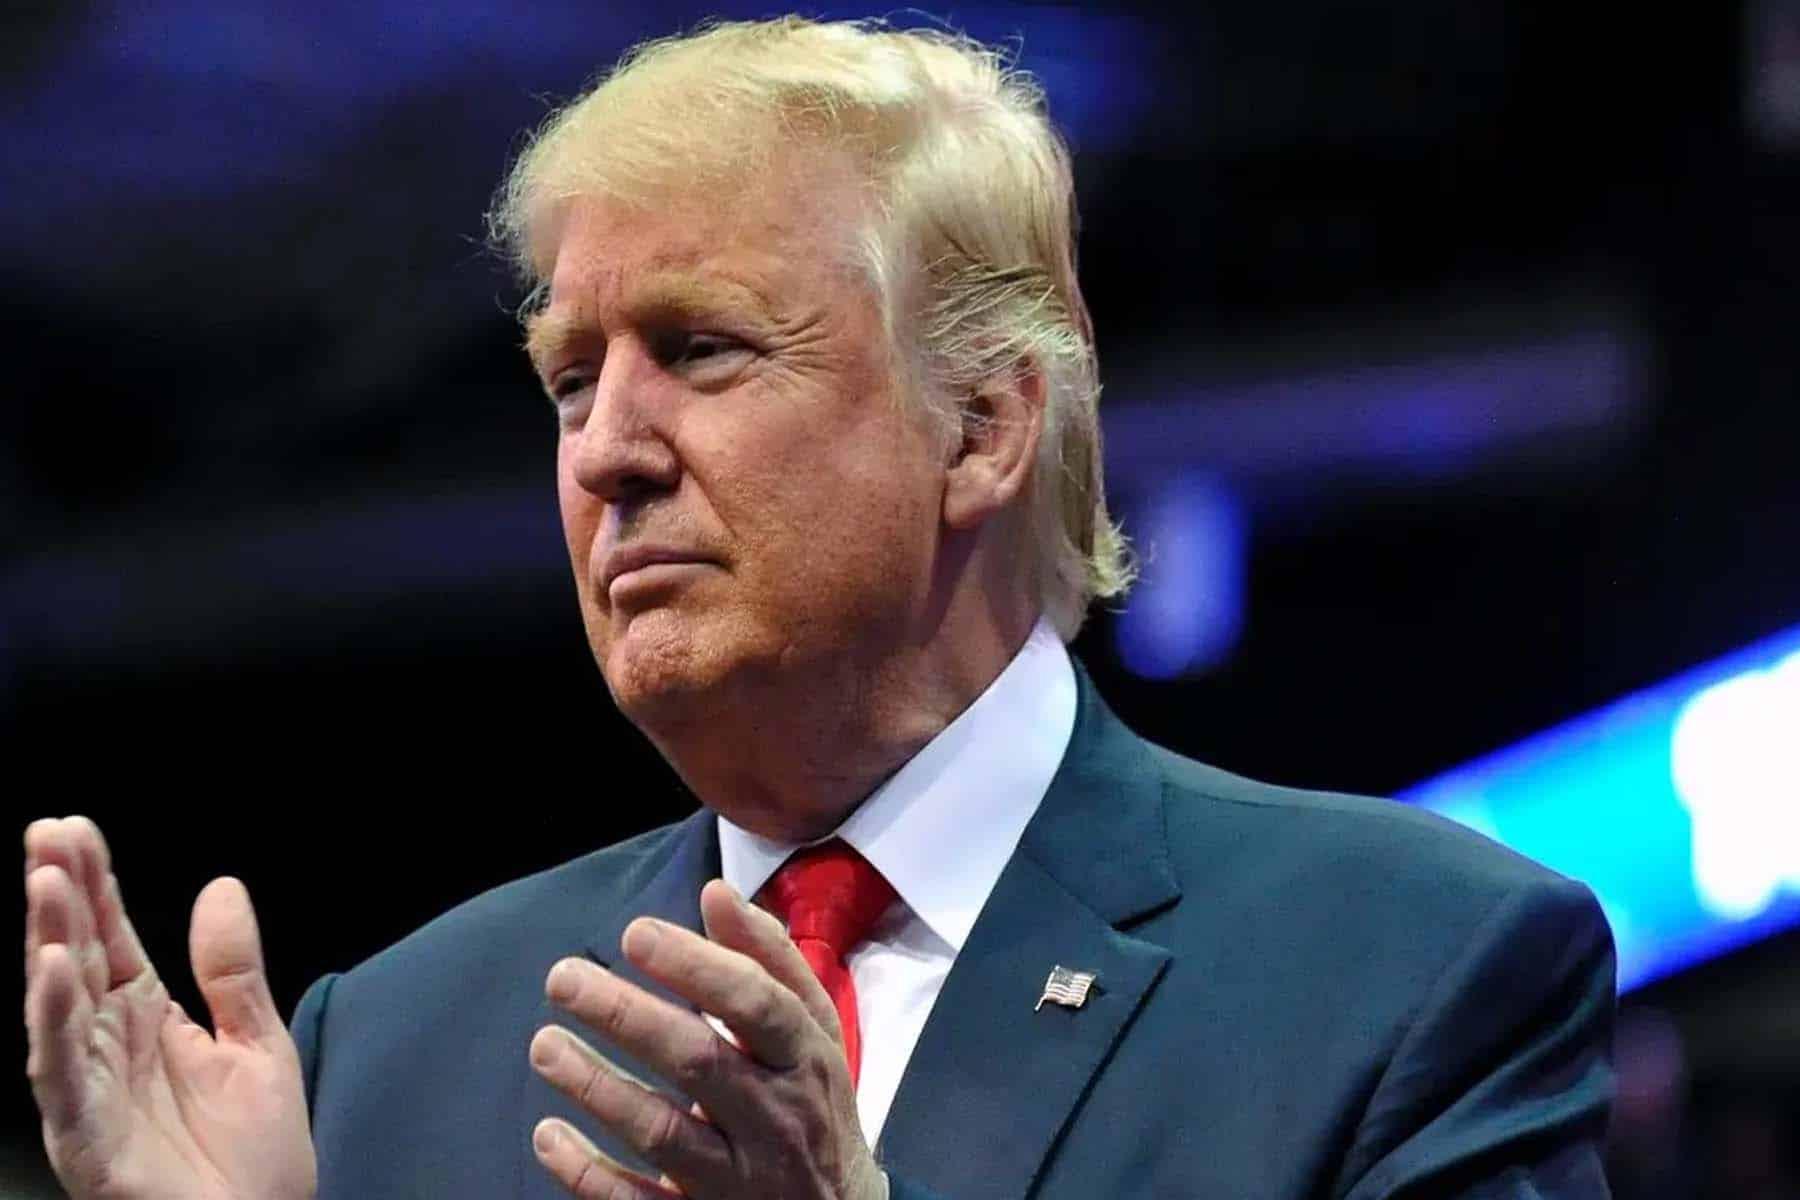 Donald Trump kini tersenarai sebagai Presiden AS satu penggal